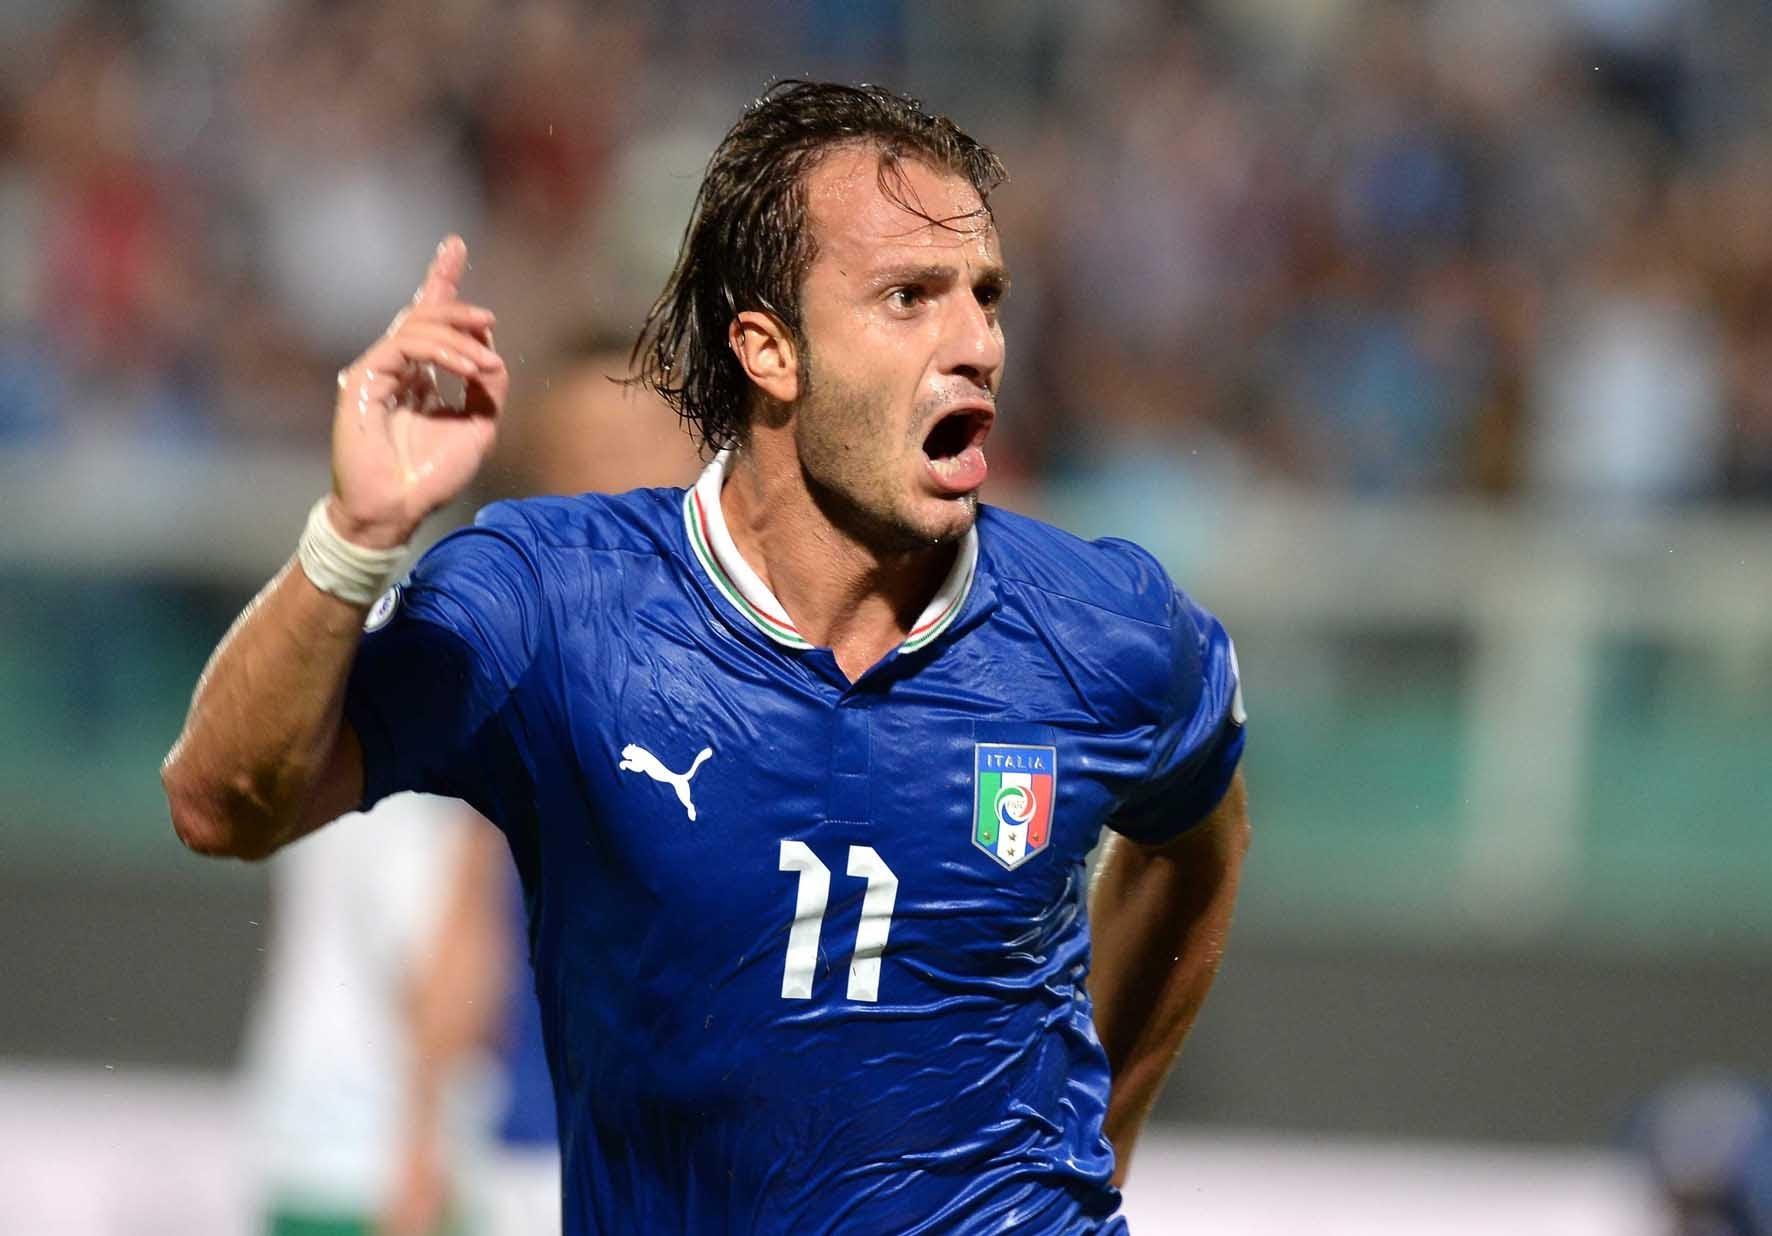 """Palermo, fanta-carica per Gilardino: """"Altro che 33 anni! Voglio arrivare ai 200 gol"""""""